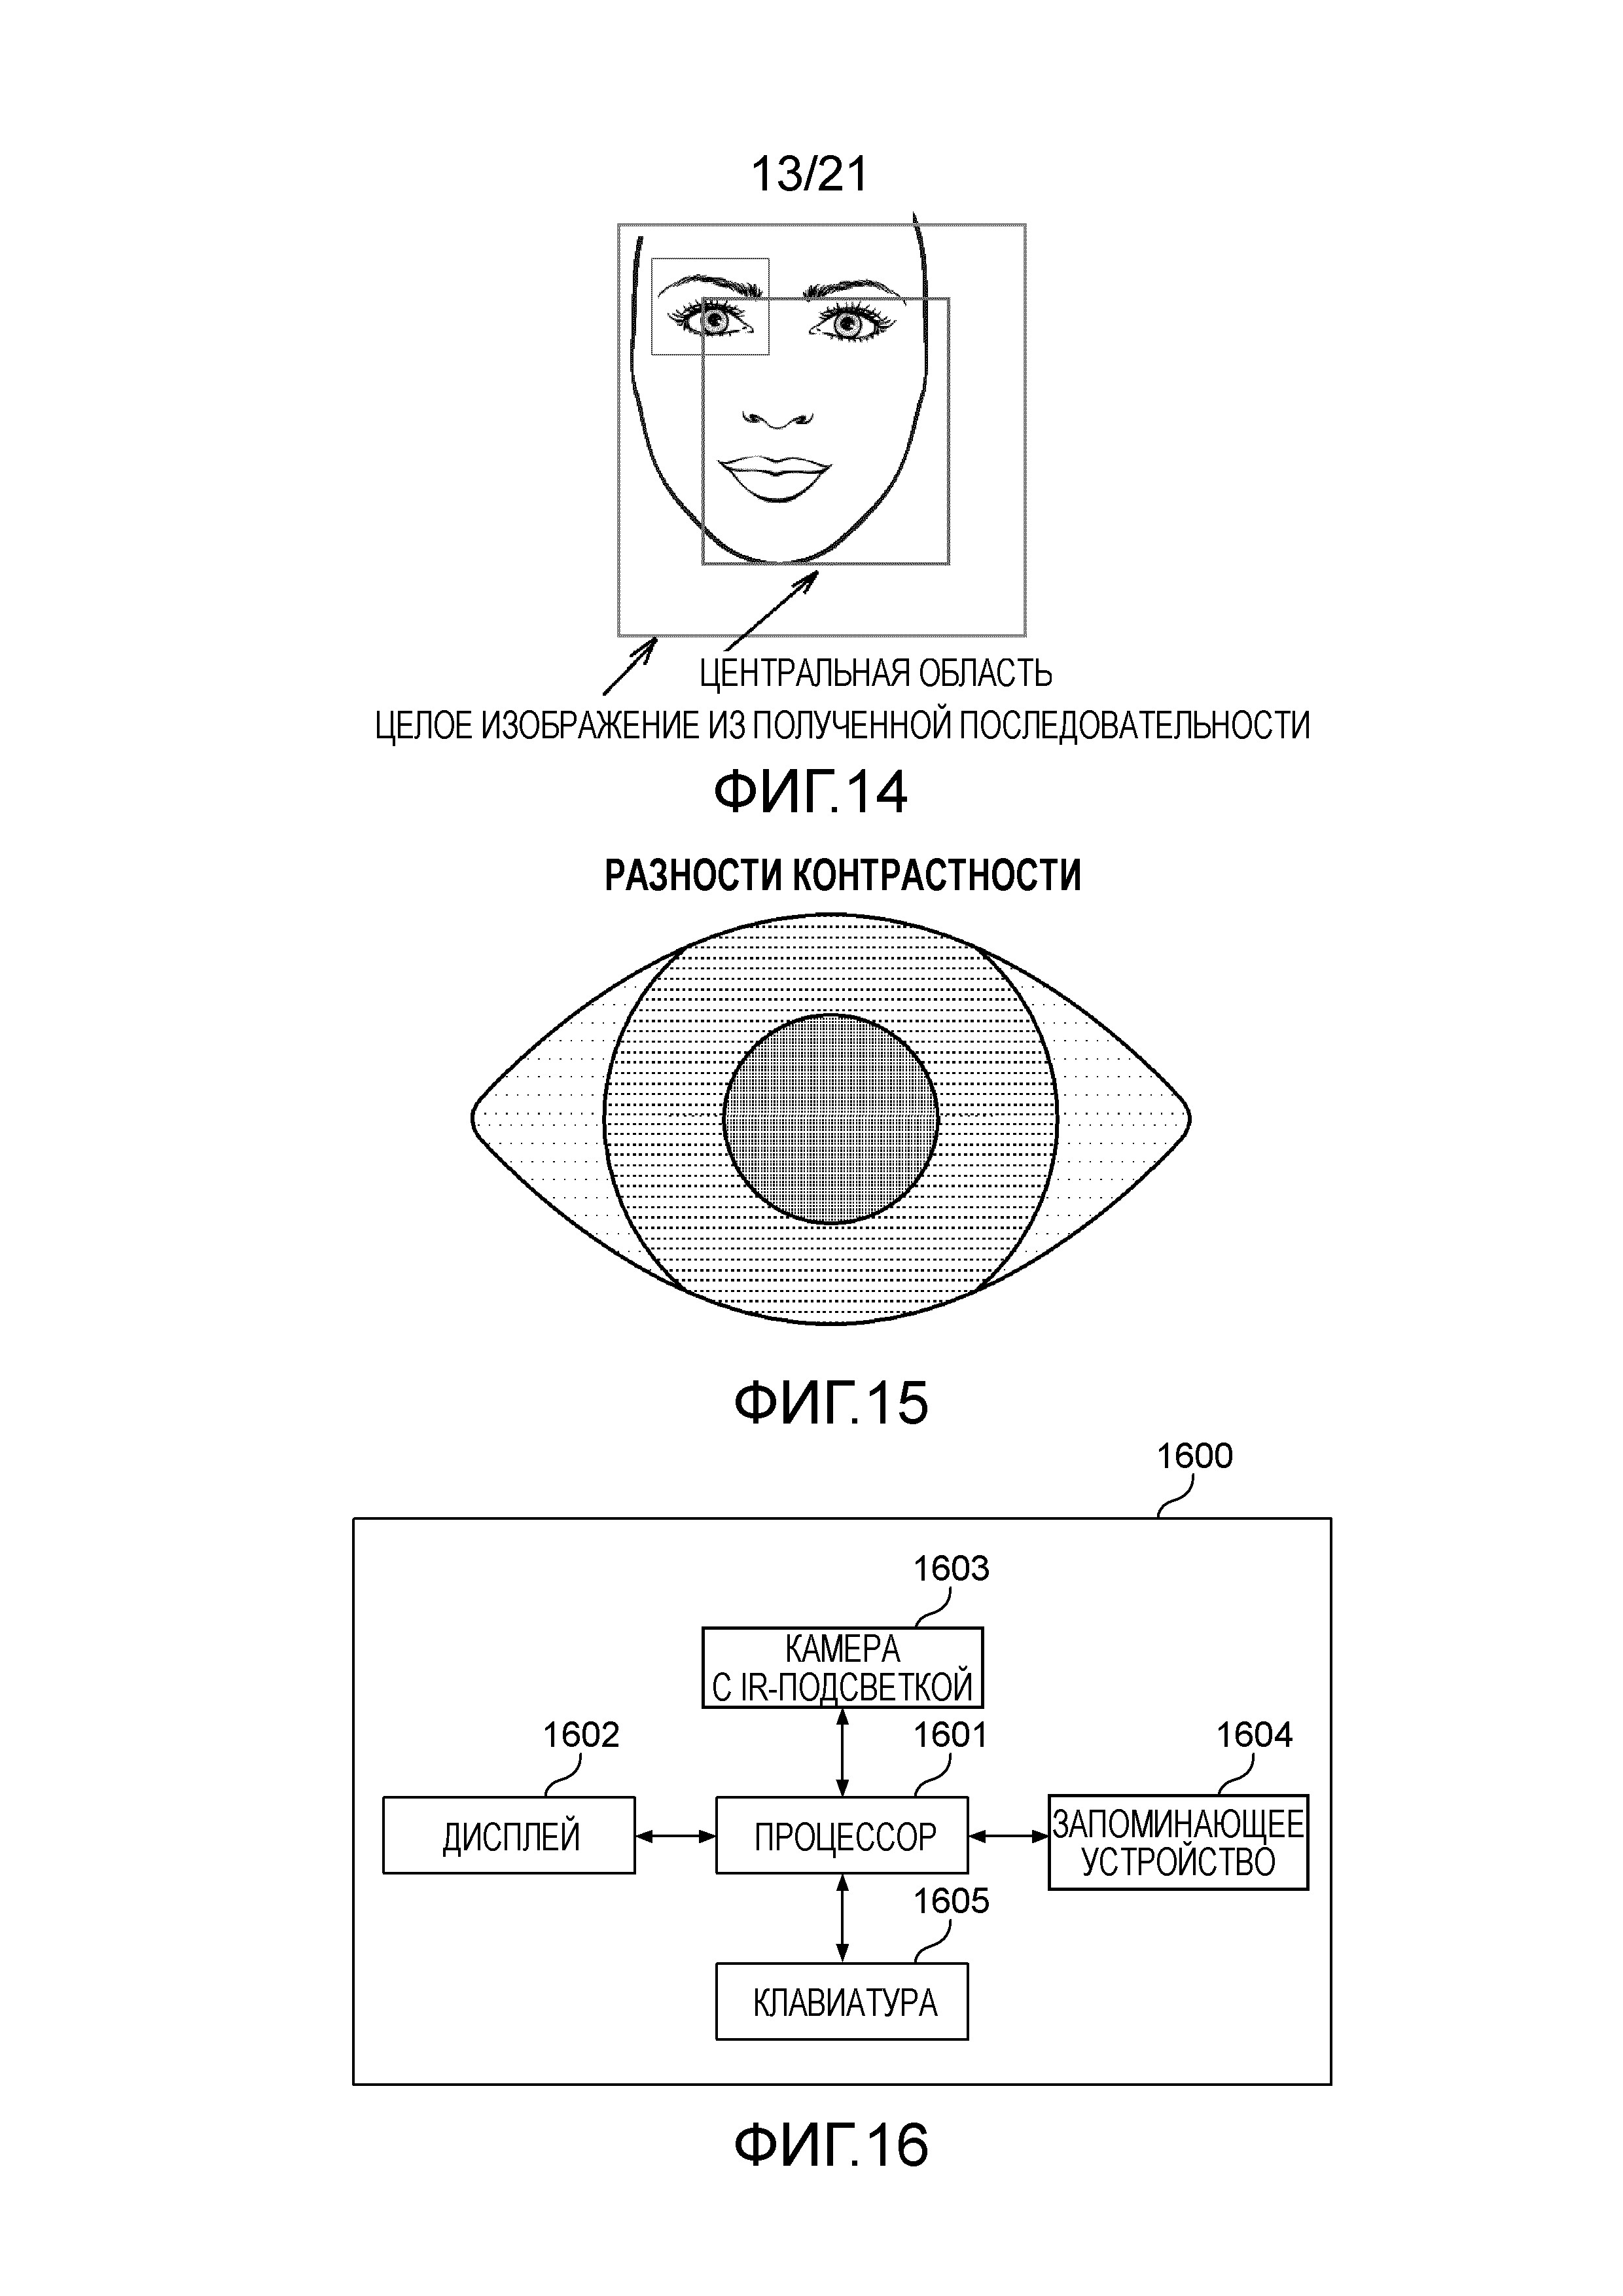 Способ, система и устройство для биометрического распознавания радужной оболочки глаза